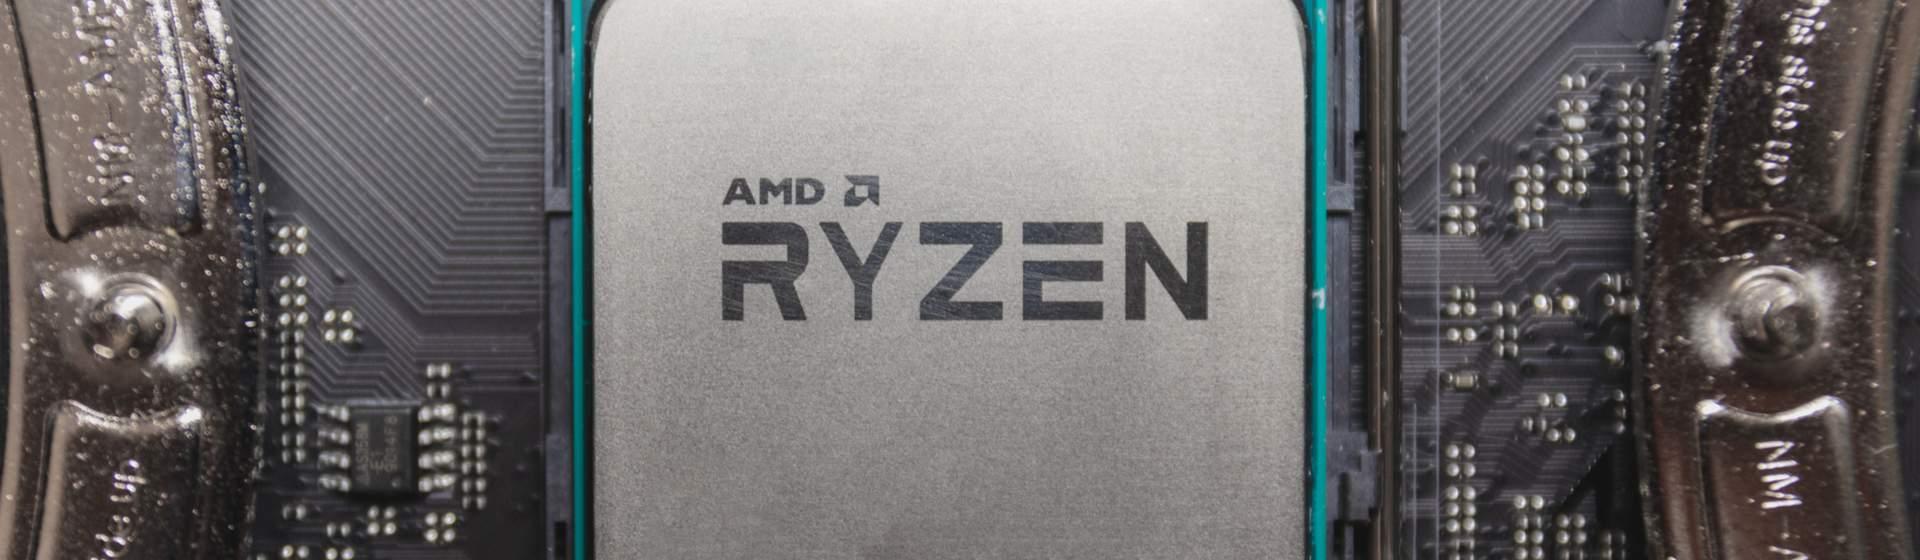 Ryzen 3 3200G é bom? Analisamos a ficha técnica do processador AMD